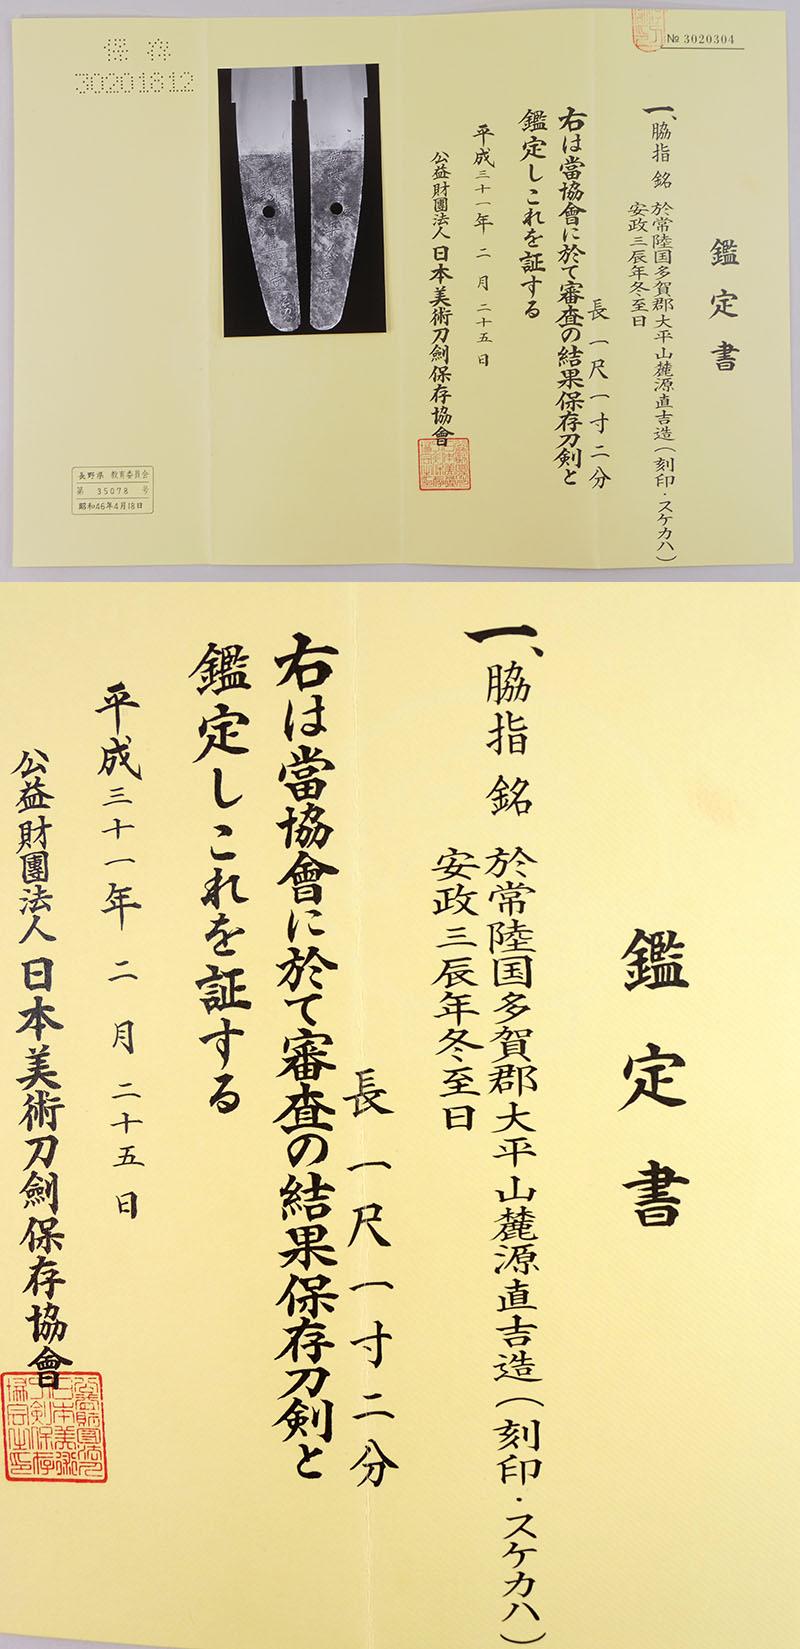 於常陸国多賀郡大平山麓源直吉造 Picture of Certificate